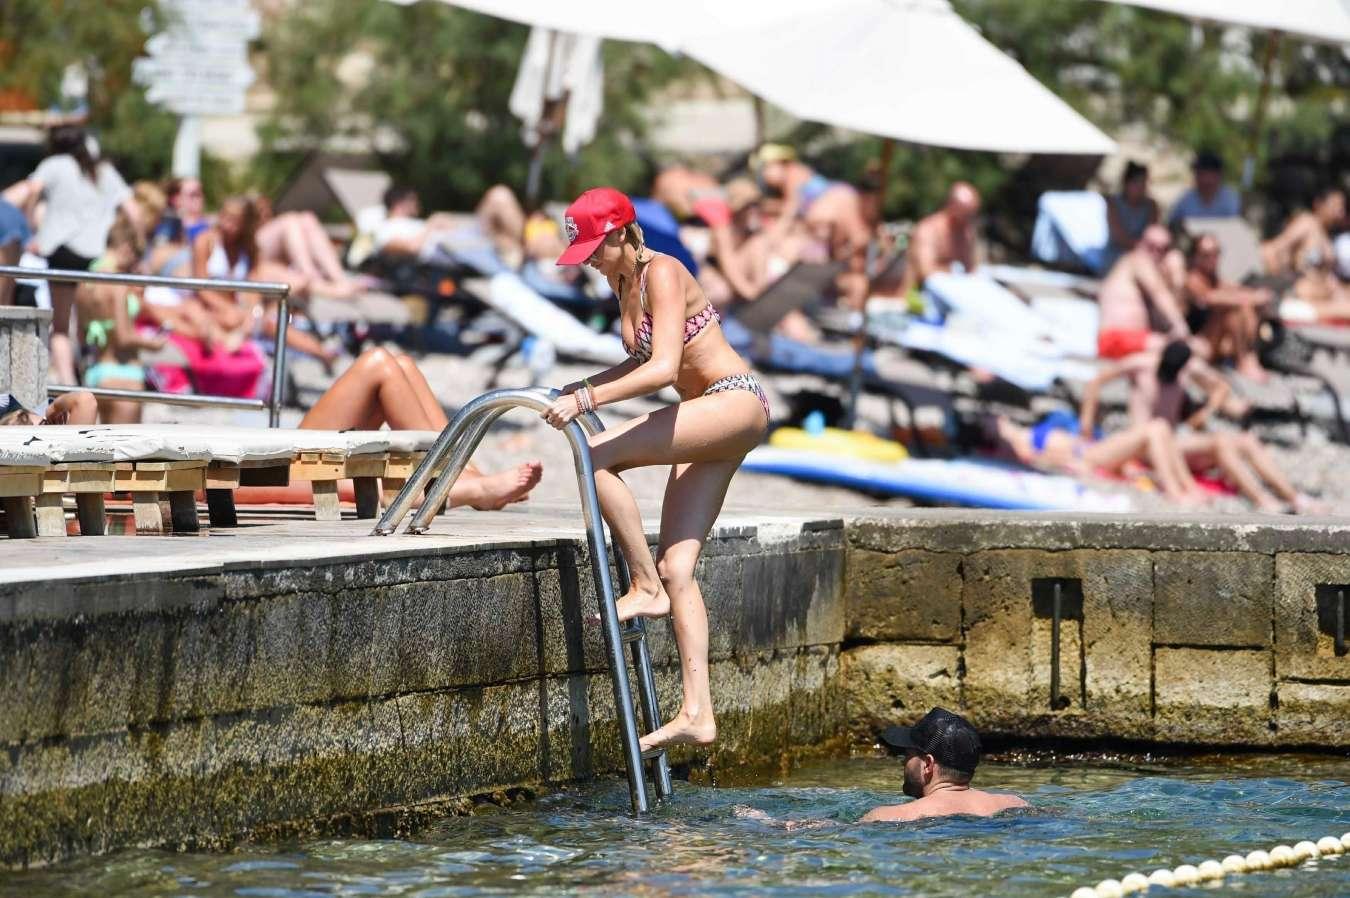 Stephanie Pratt 2017 : Stephanie Pratt: Bikini on holiday in Croatia -25